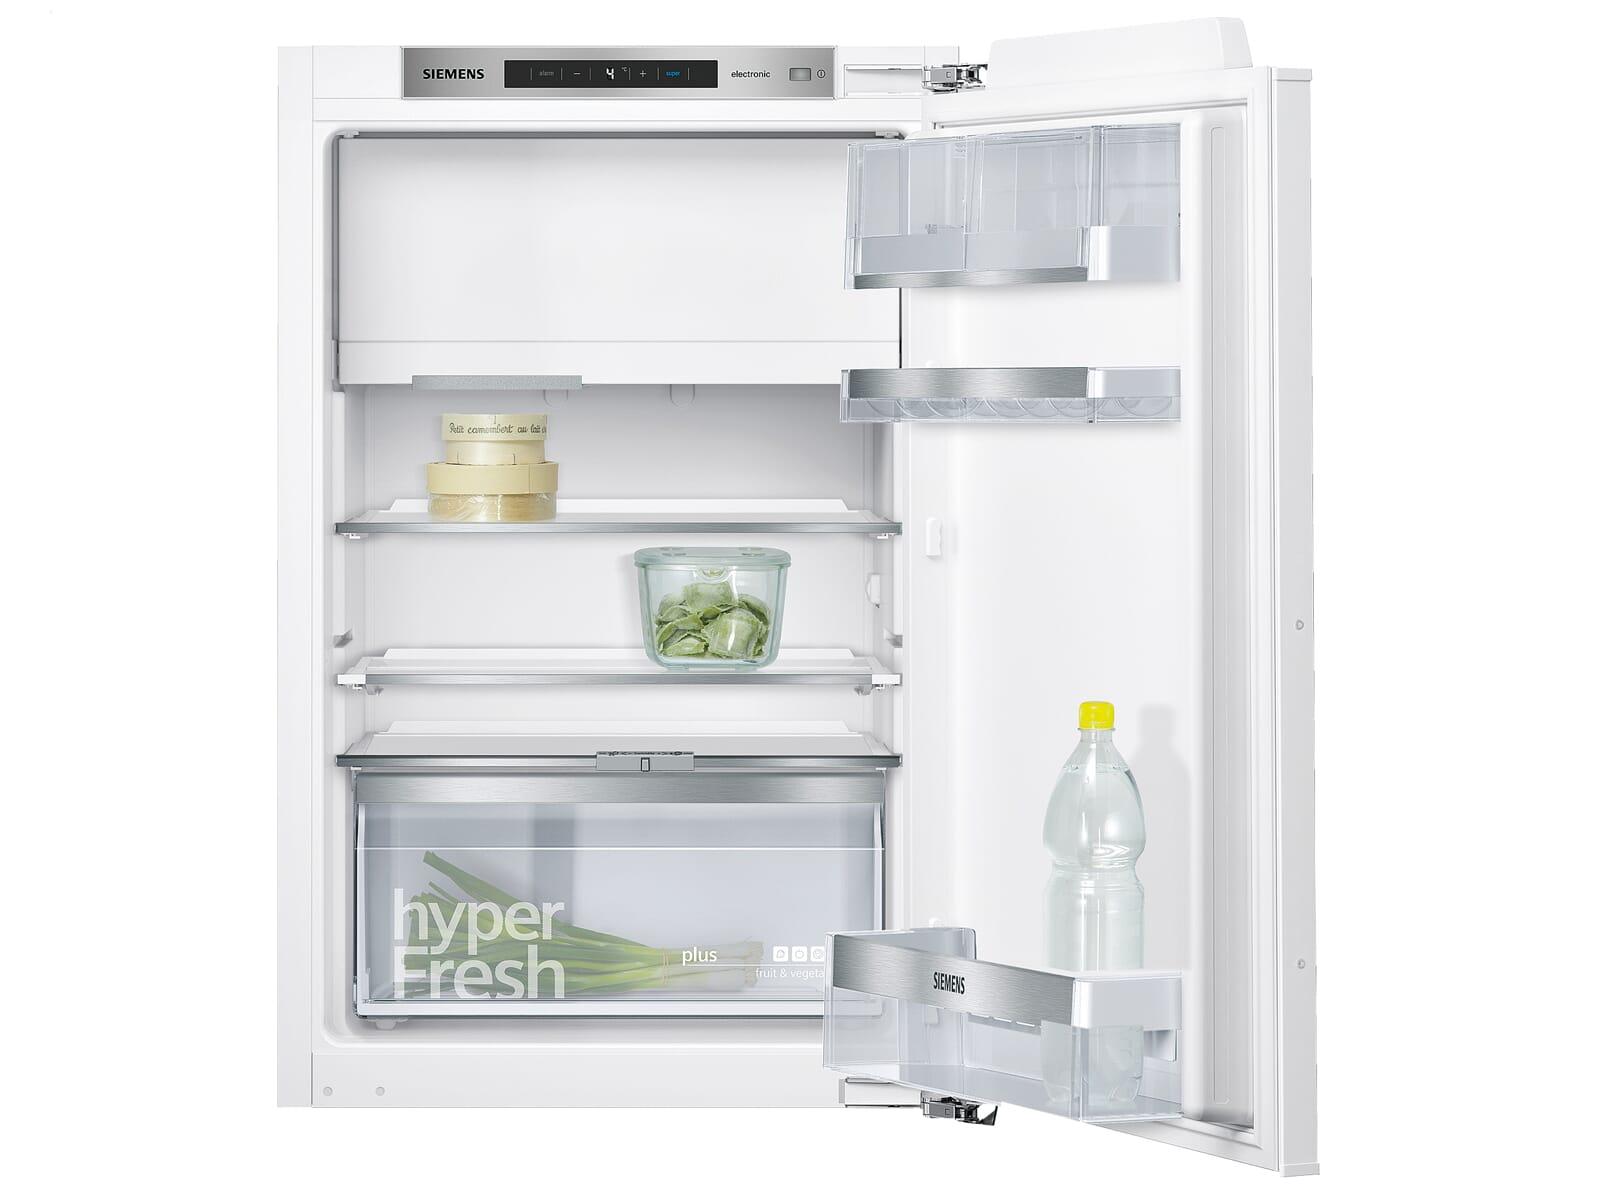 Siemens Kühlschrank Temperatur : Siemens ki lad einbaukühlschrank